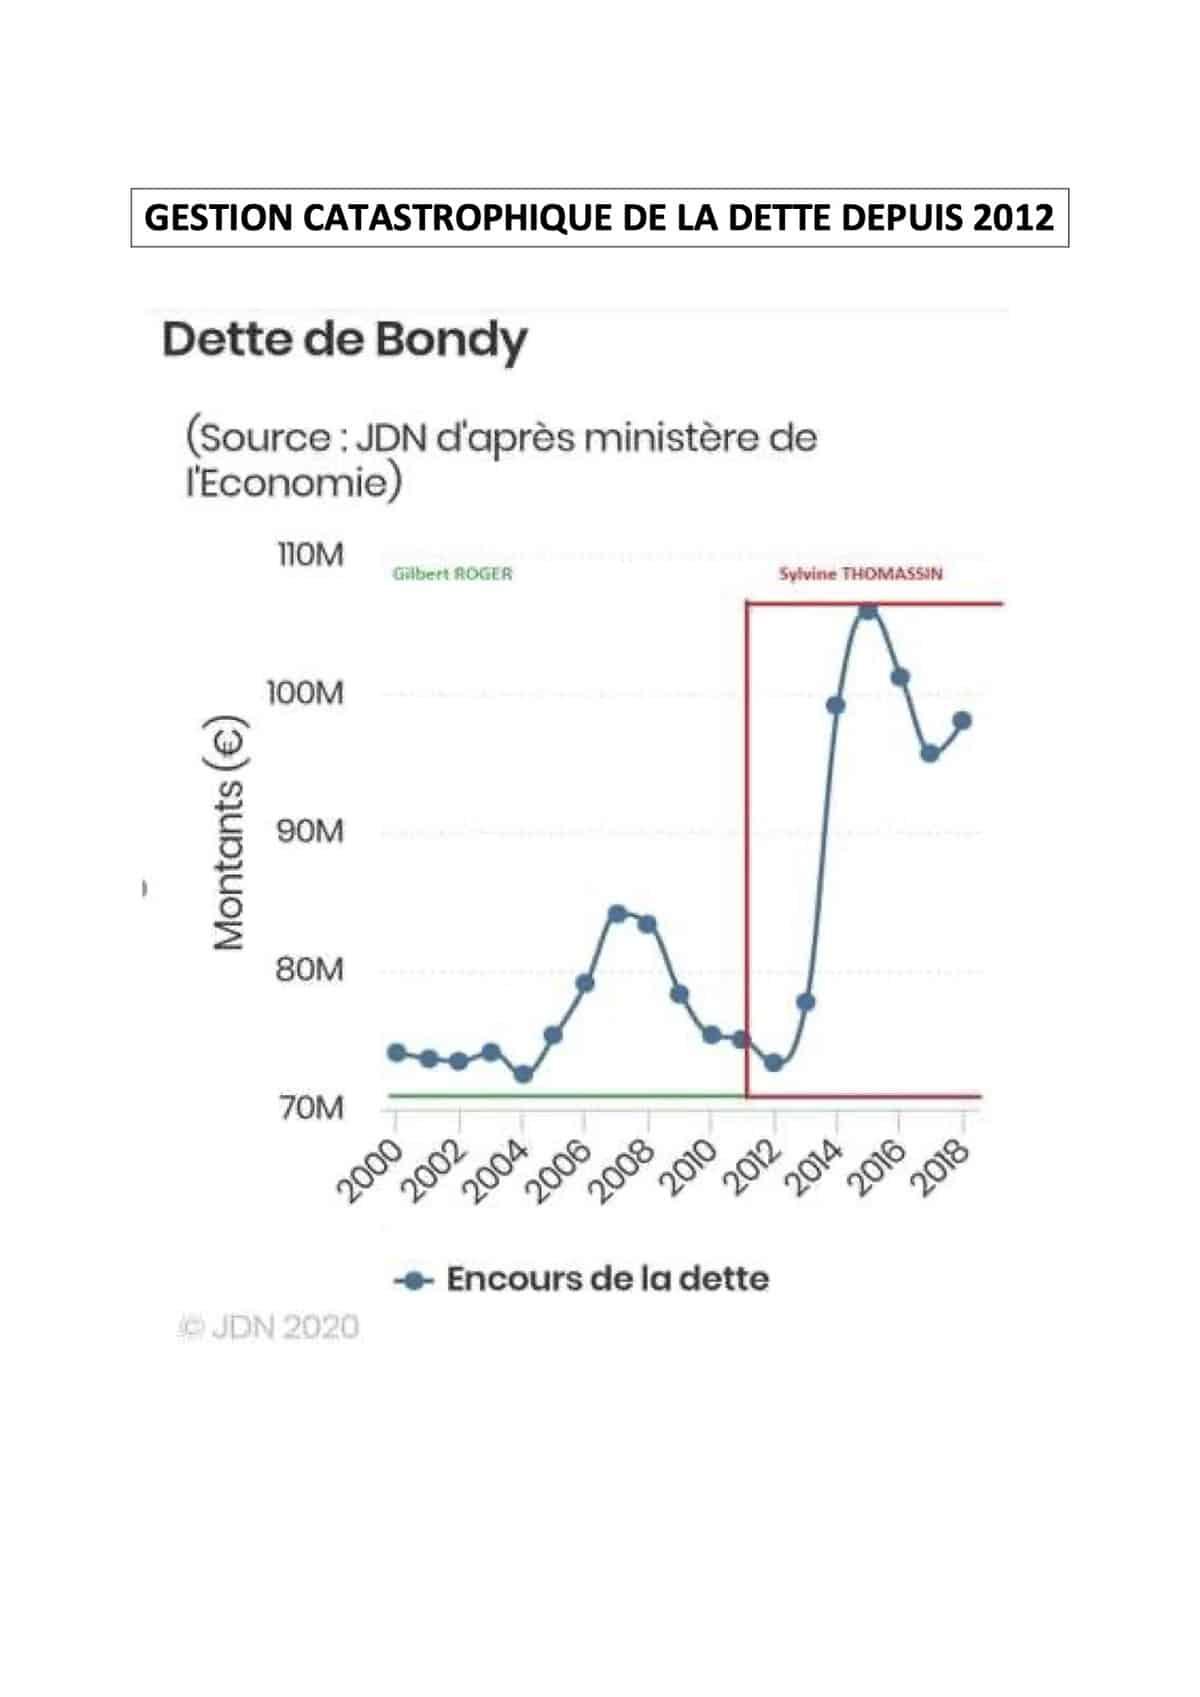 GESTION COMPAREE DE LA DETTE à BONDY